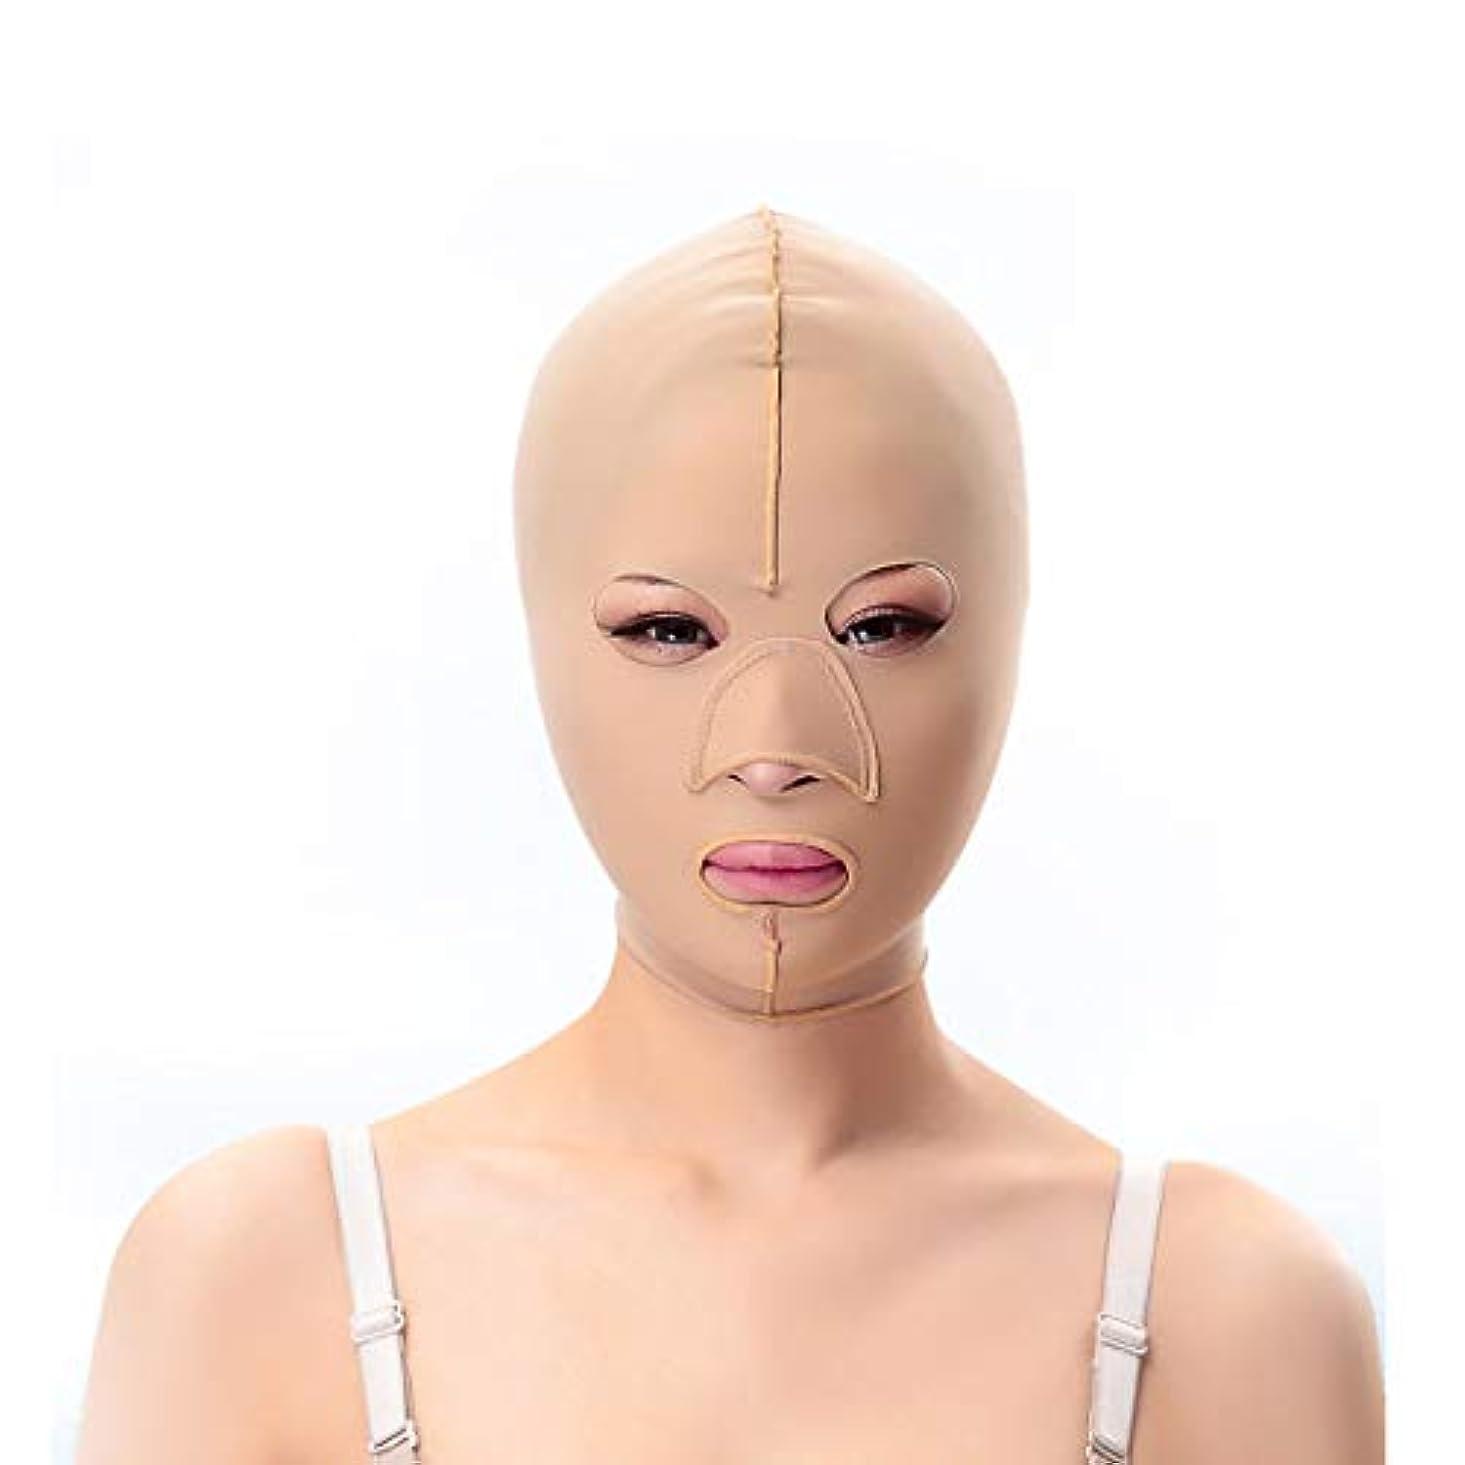 自分の力ですべてをする調整する動く痩身ベルト、フェイシャルマスク薄いフェイスマスクを脇に持ち上げる二重あご引き締め顔面プラスチックフェイスアーティファクト強力なフェイス包帯 (Size : S)